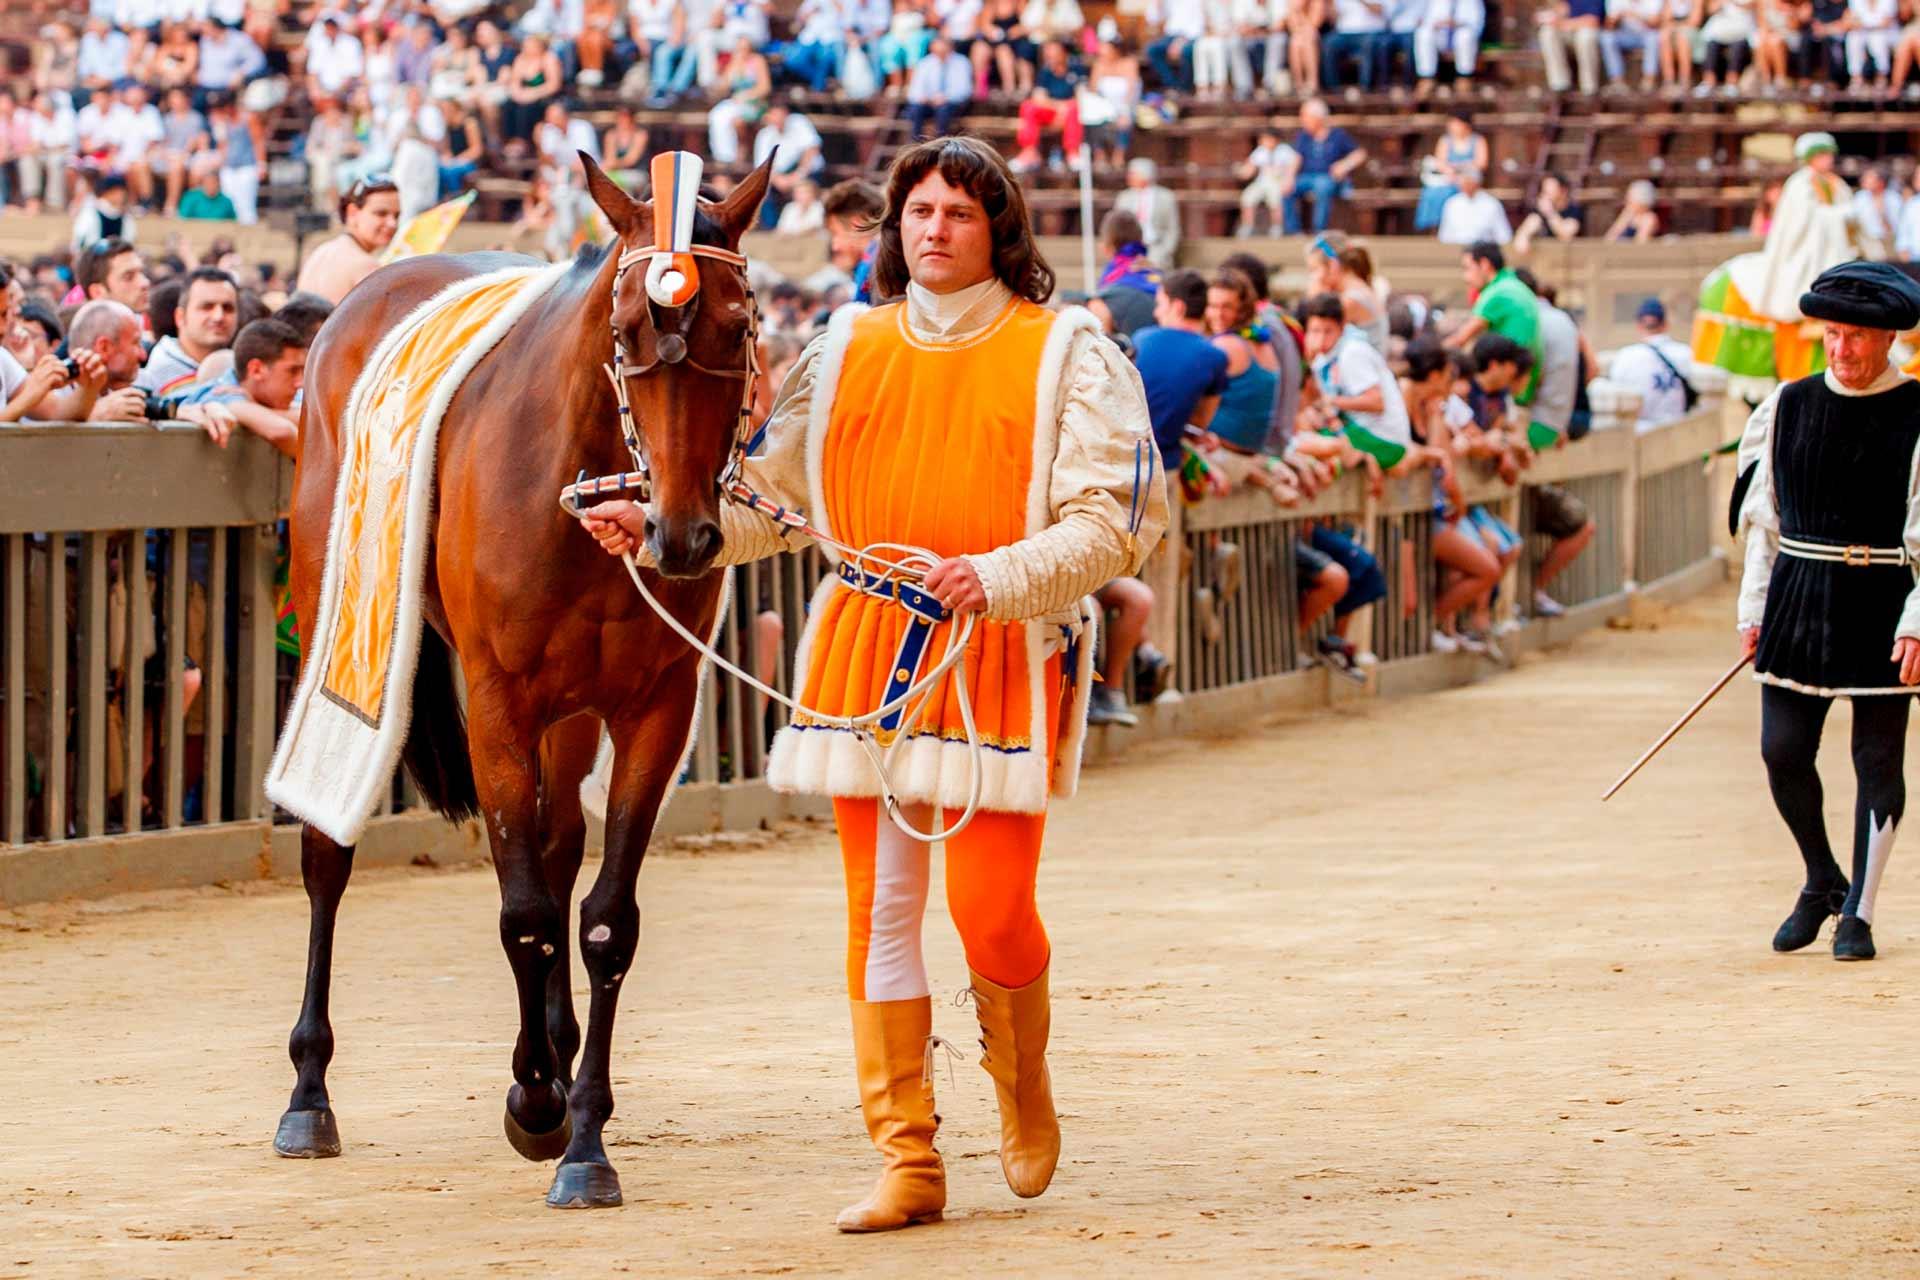 IN CAMPO PER LA ?CARRIERA? ? I cavalli delle contrade sfilano accompagnati dai propri Barbareschi.